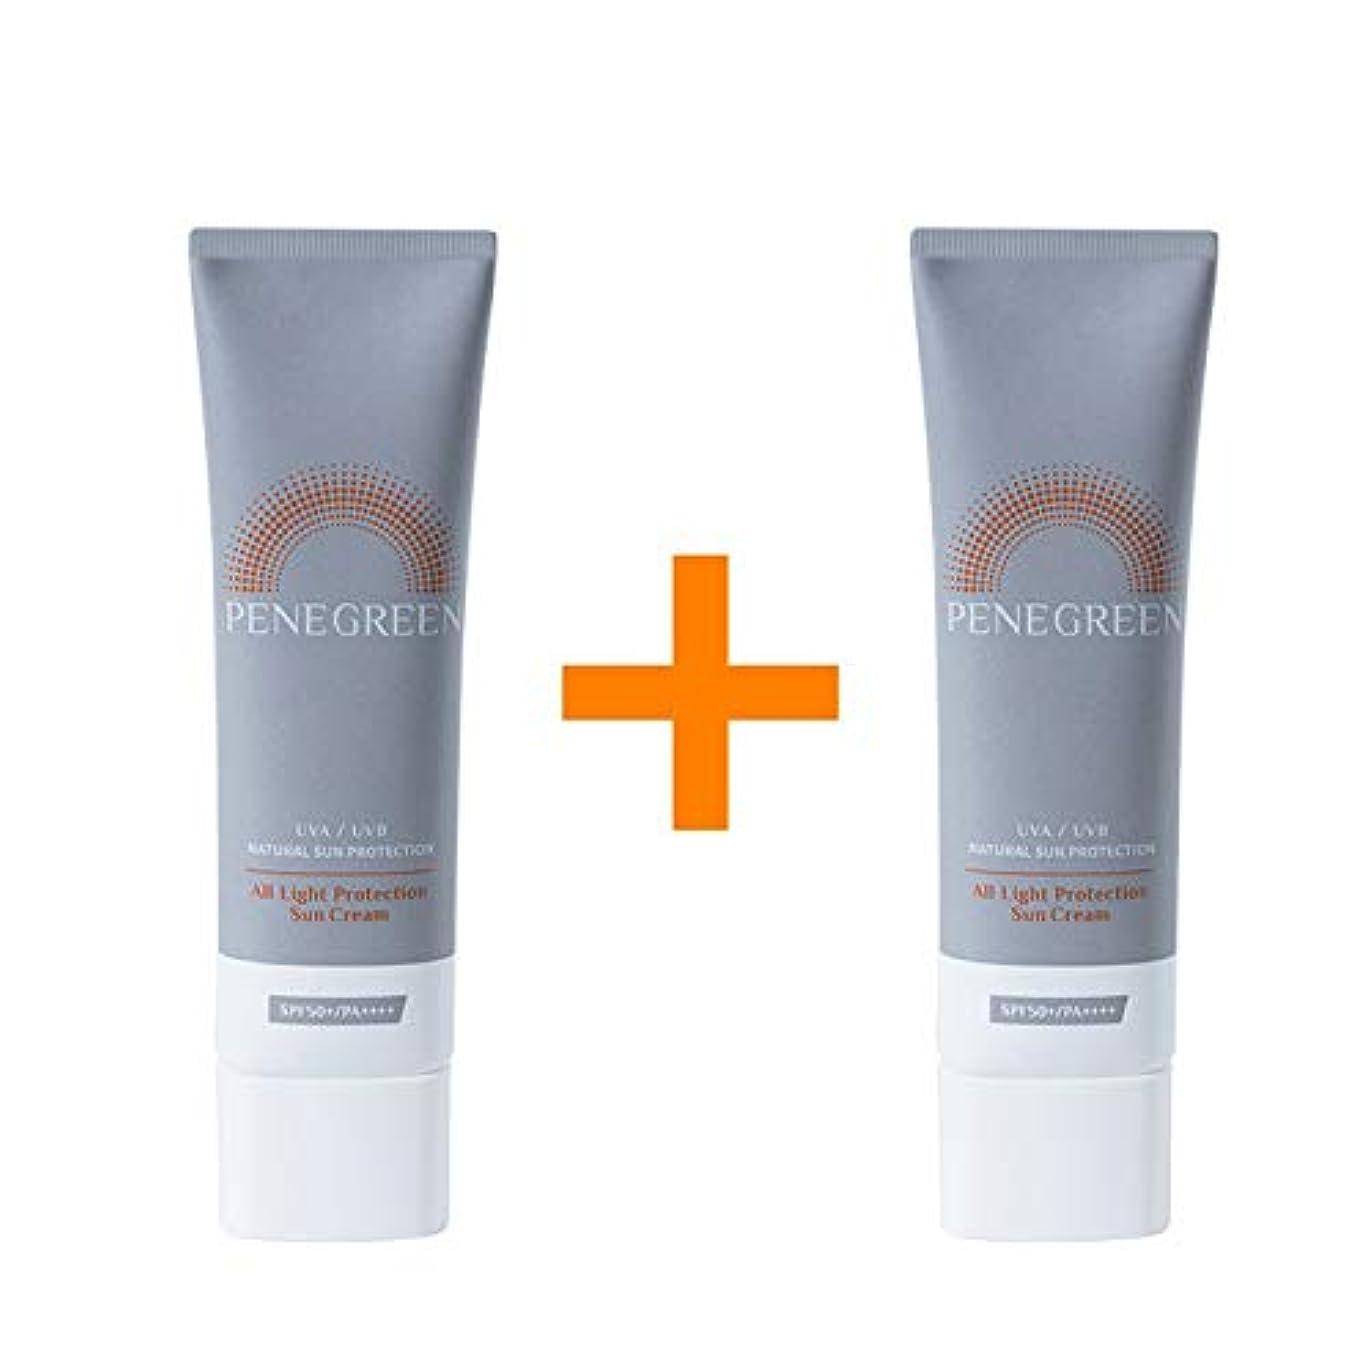 ごちそうソフトウェア敵対的[ 1 + 1 ] ペネグリーンPenegreen 日焼け止め 保湿サンクリーム 50ml / 韓国イ?ジュンギコスメAll Light Protection Sun Cream 50ml (SPF50+ PA++++) 韓国日焼け止め